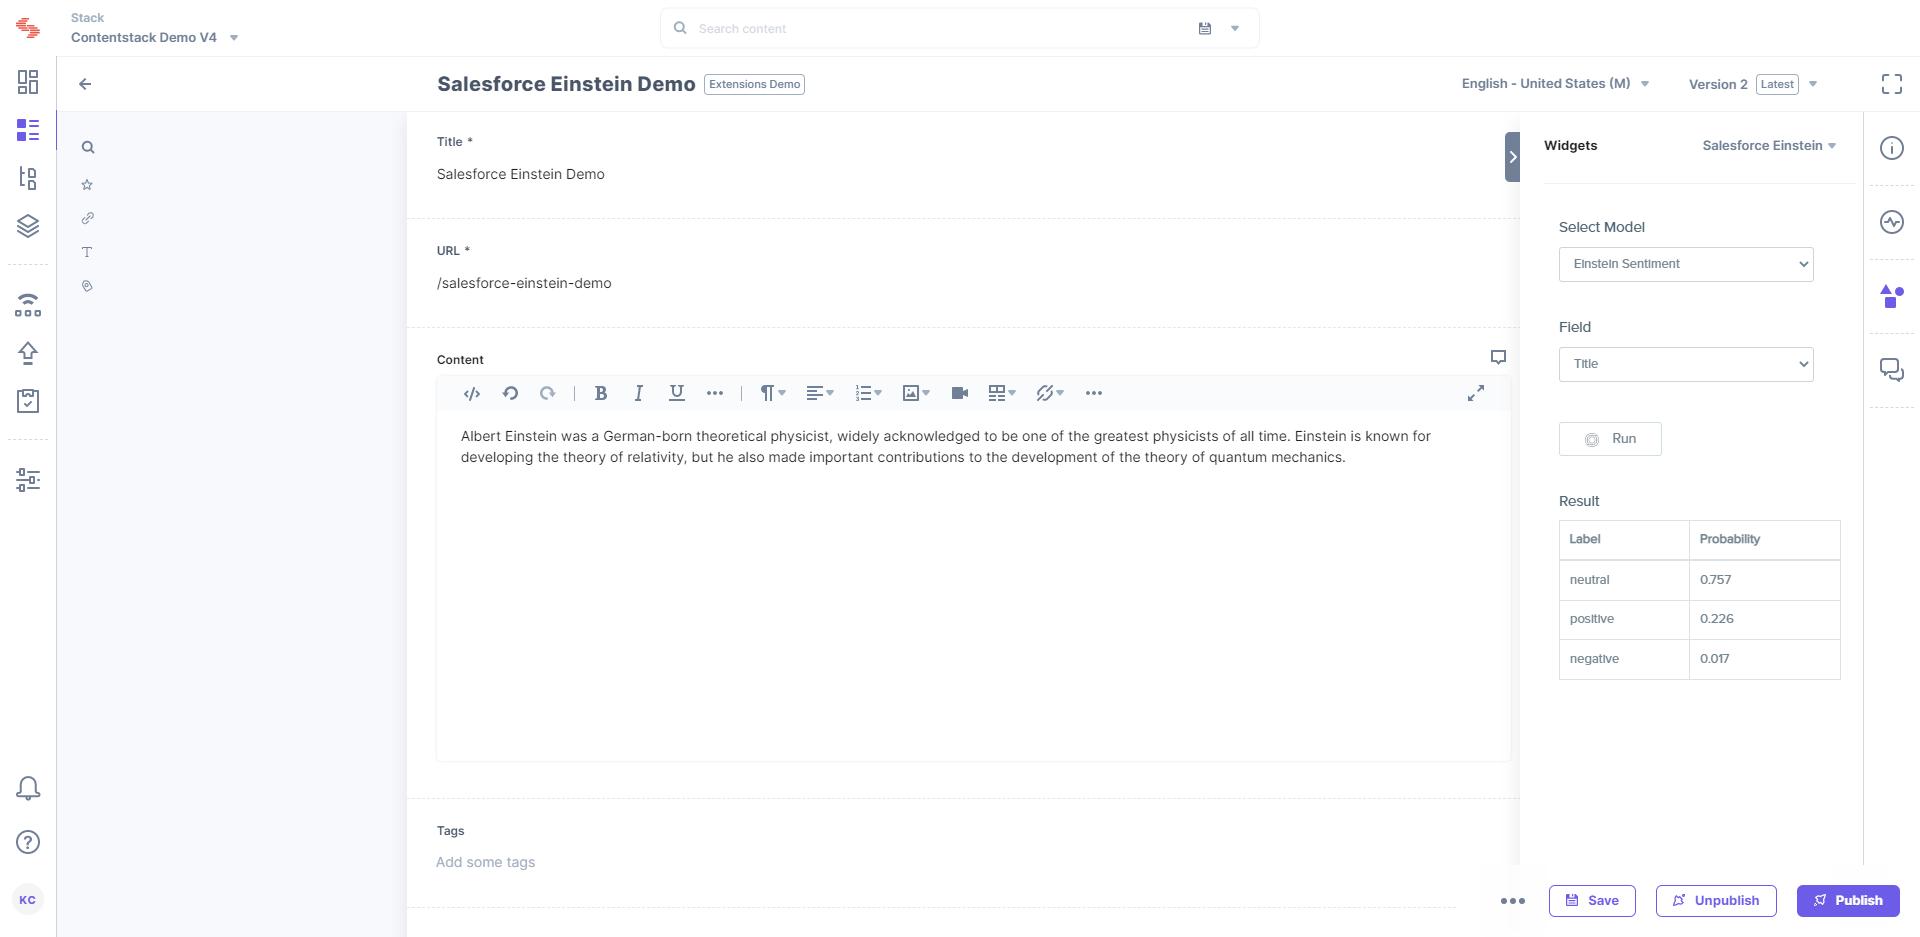 Salesforce_Einstein_4_no_highlight.png